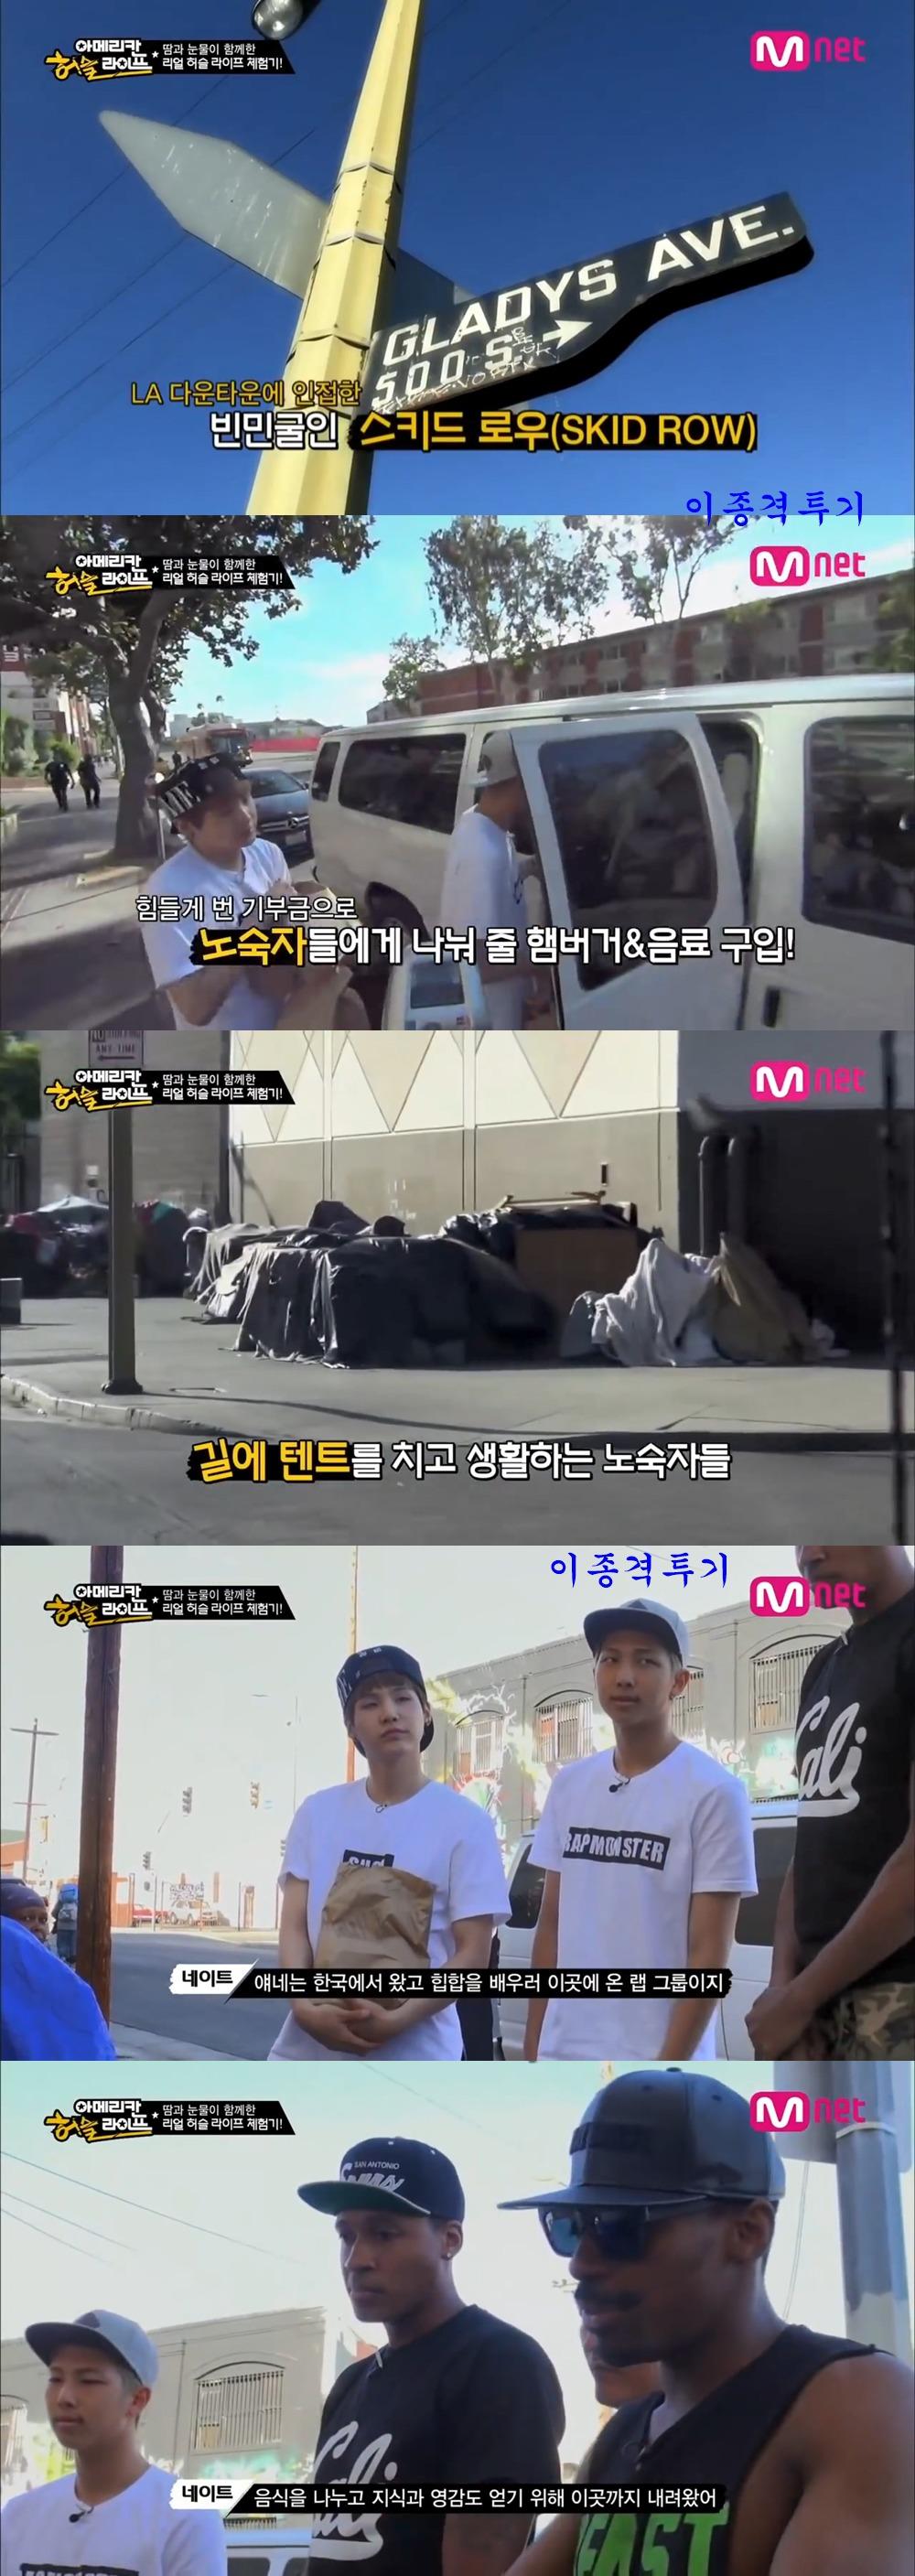 데뷔 초 BTS가 미국 노숙자들에게 들은 말 - 꾸르